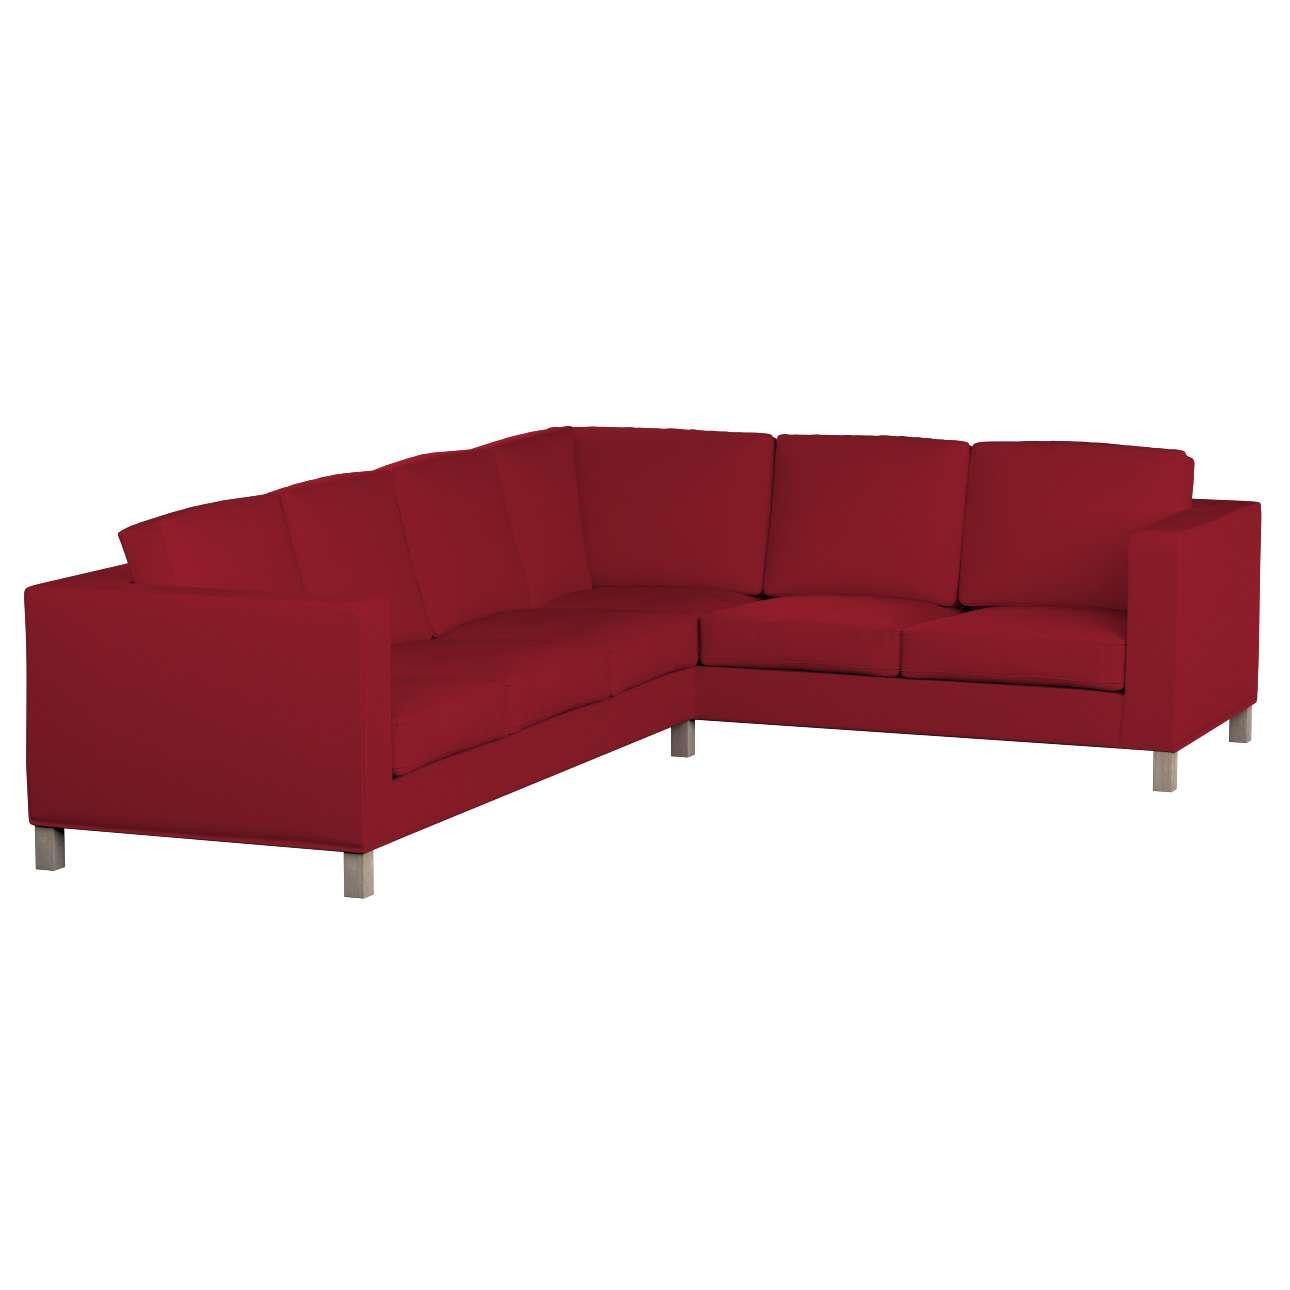 Pokrowiec na sofę narożną lewostronną Karlanda Sofa narożna lewostronna Karlanda w kolekcji Chenille, tkanina: 702-24